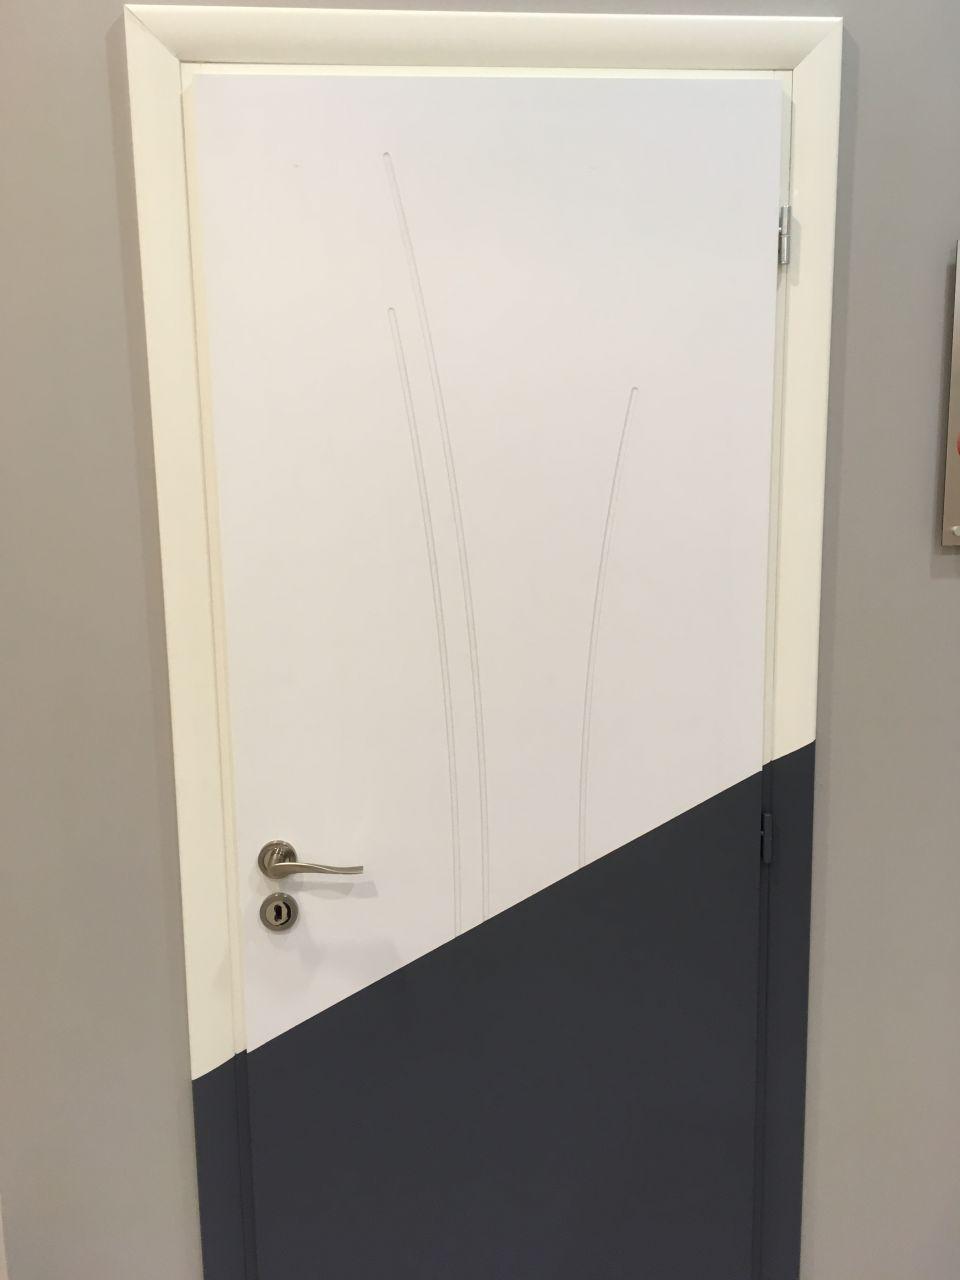 Encadrement de portes intétieures, que je trouve ULTRA moches.On a beau me dire que c'est la couleur qui pose souci, je crois surtout que c'est moche-moche.